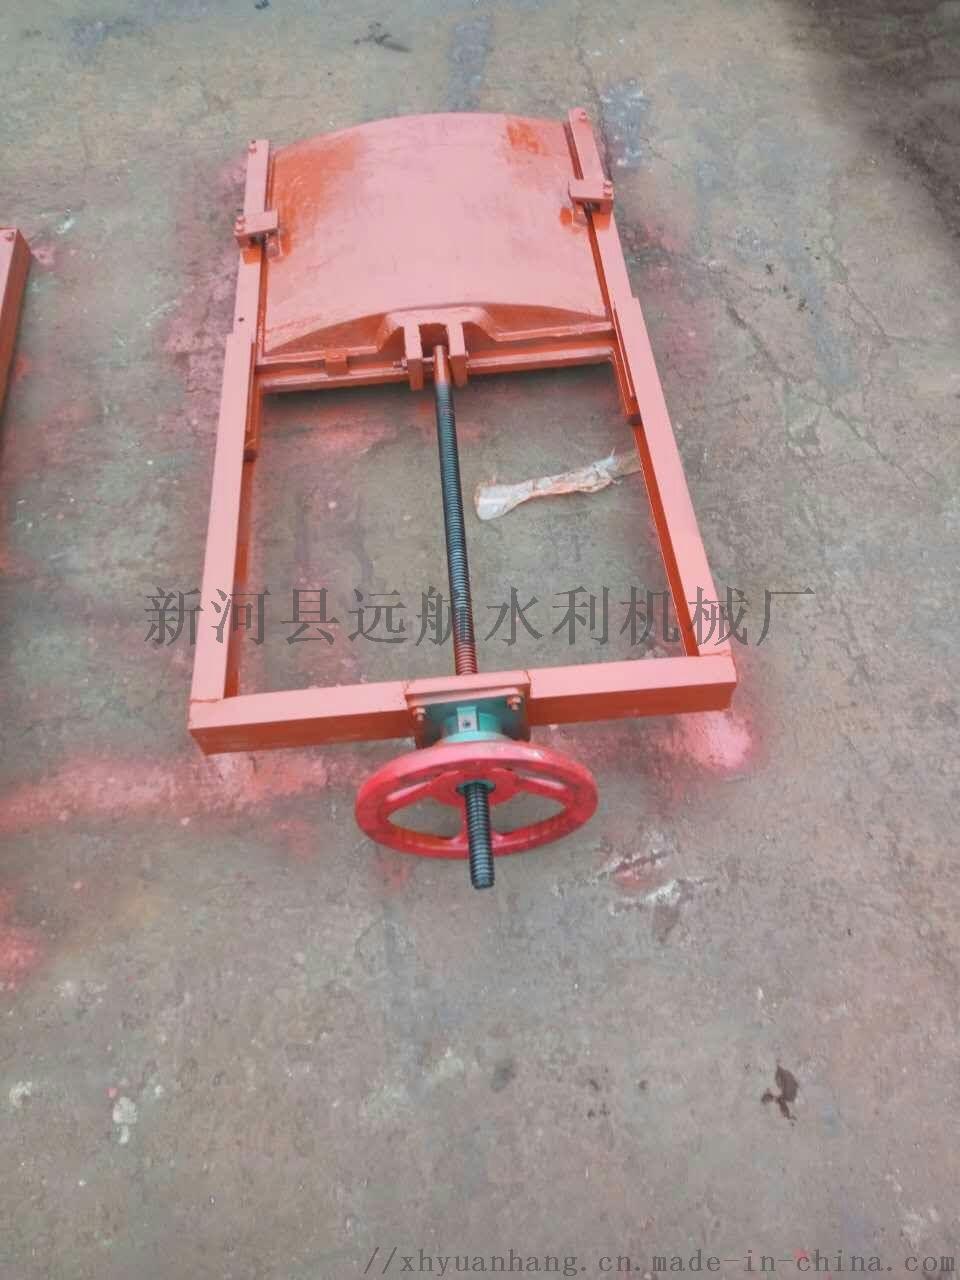 機閘一體式鑄鐵閘門  機閘一體型  鑄鐵材質782232332